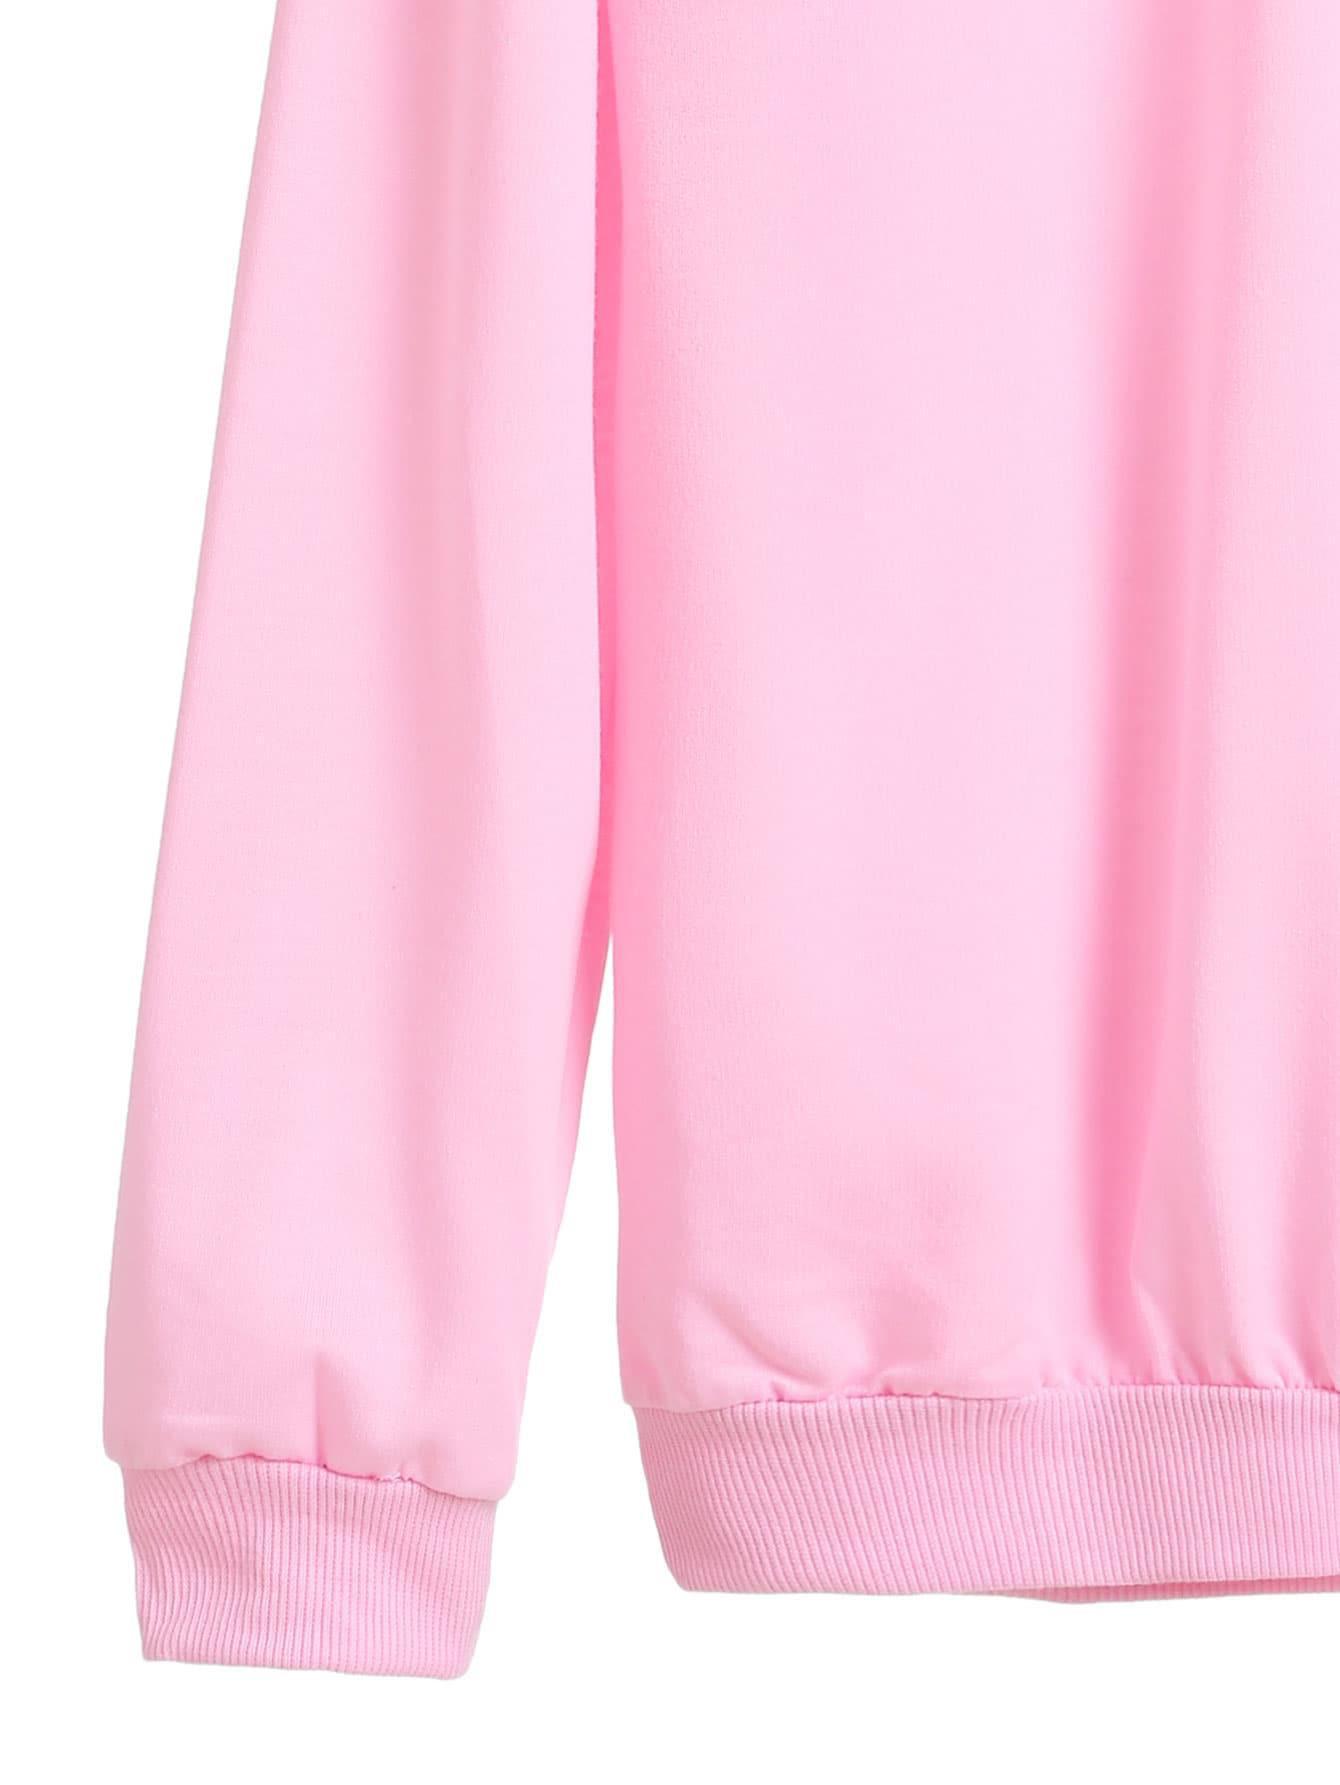 sweatshirt160825125_2